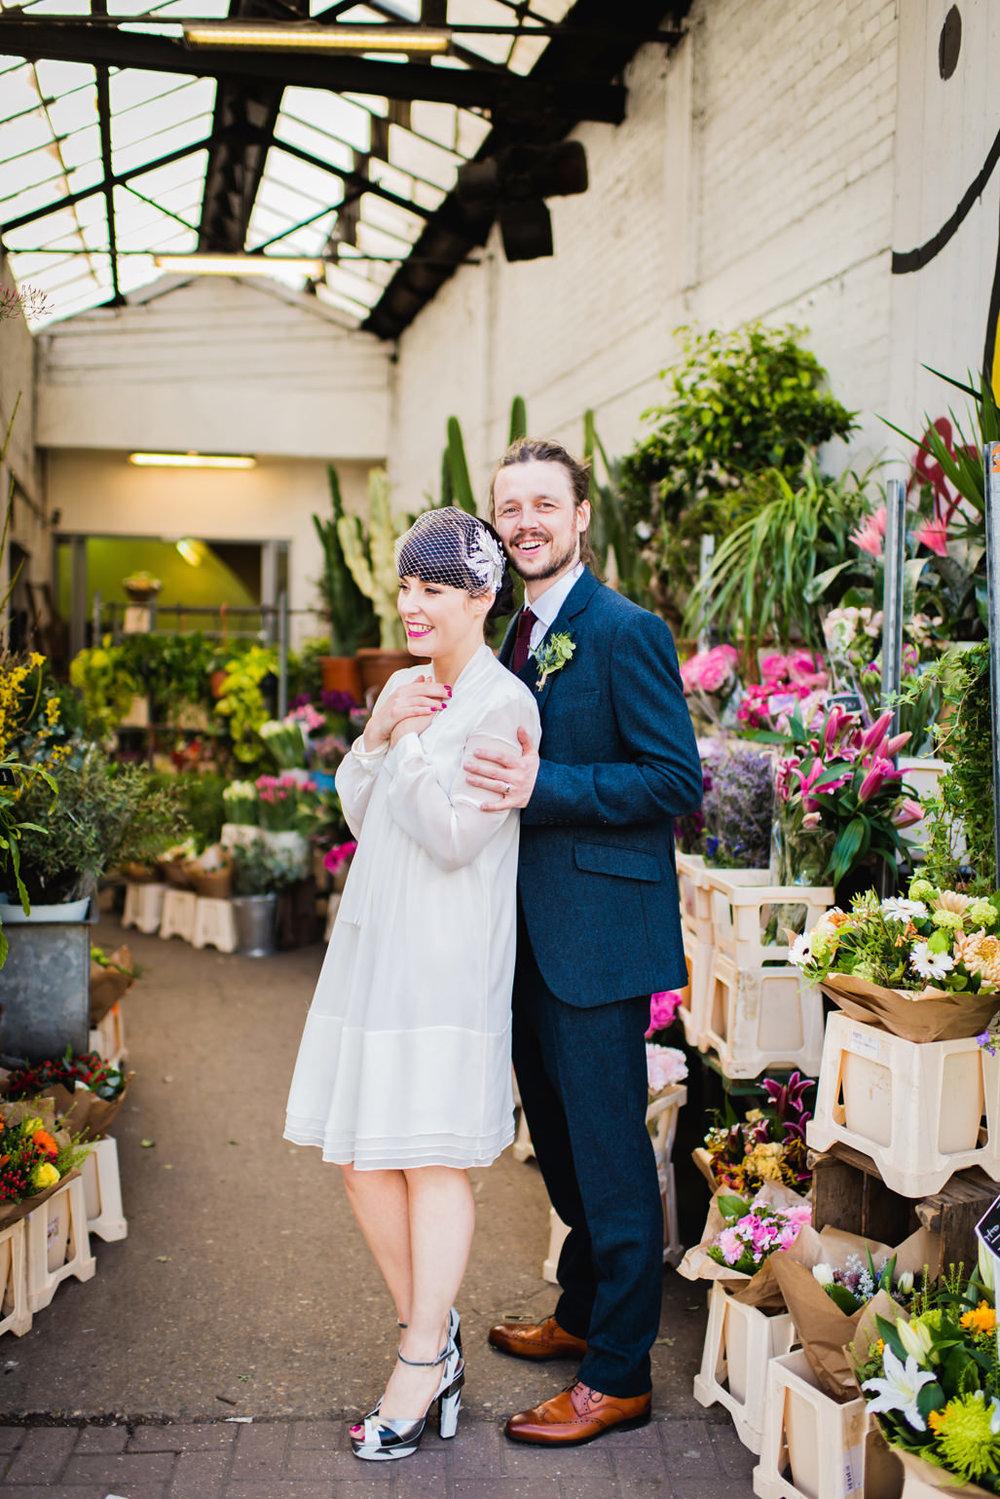 nottingham-relaxed-wedding-photographer025.jpg